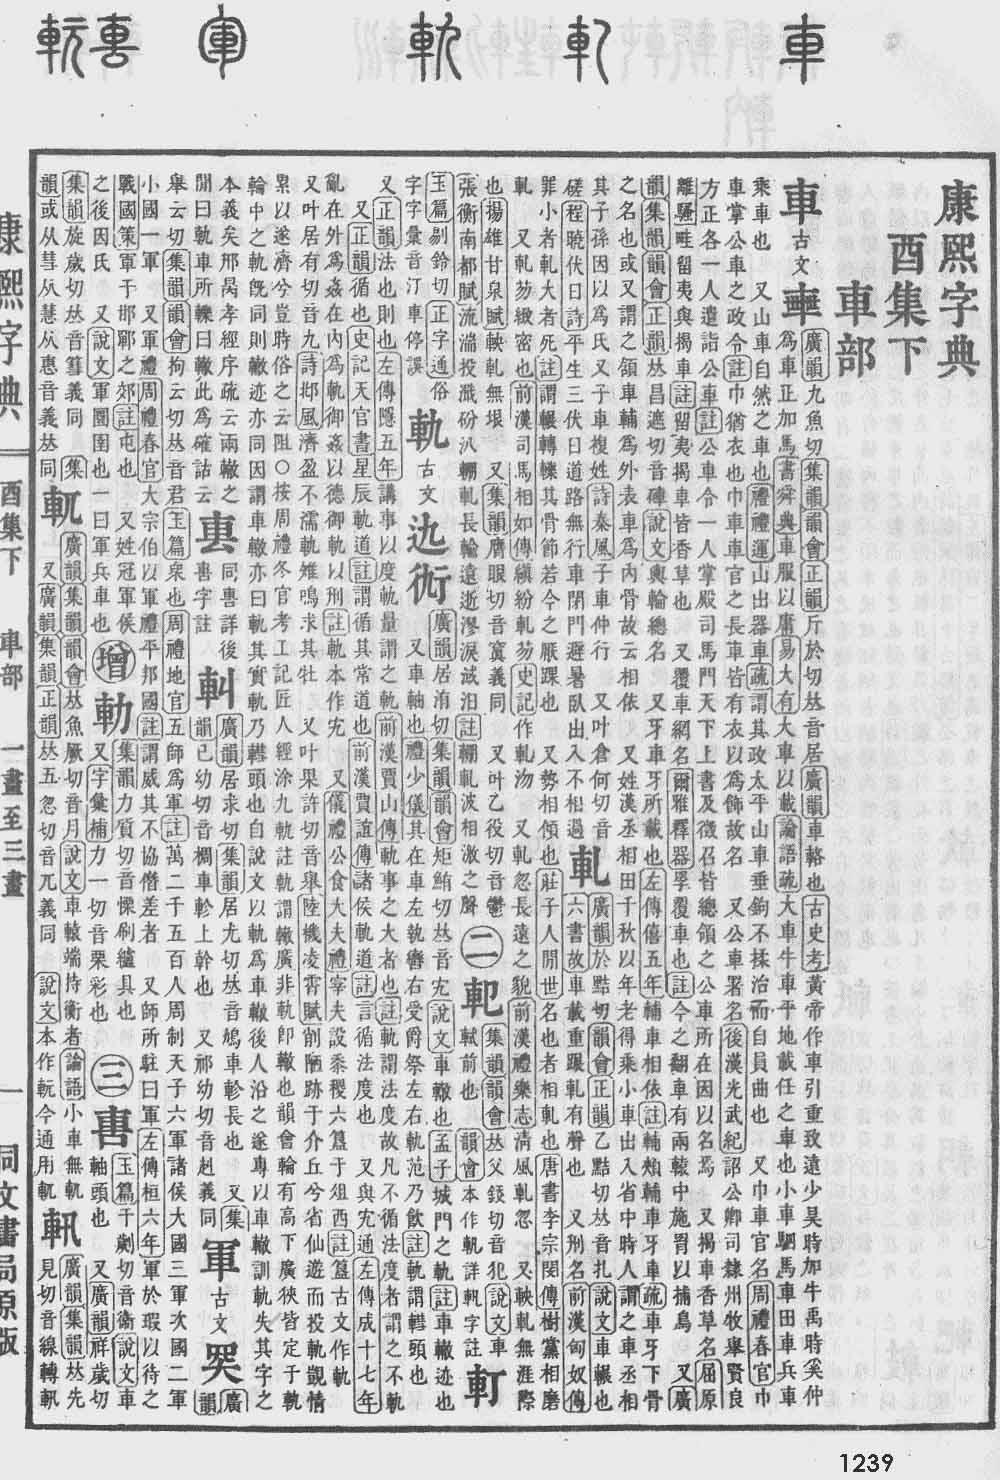 《康熙字典》第1239页